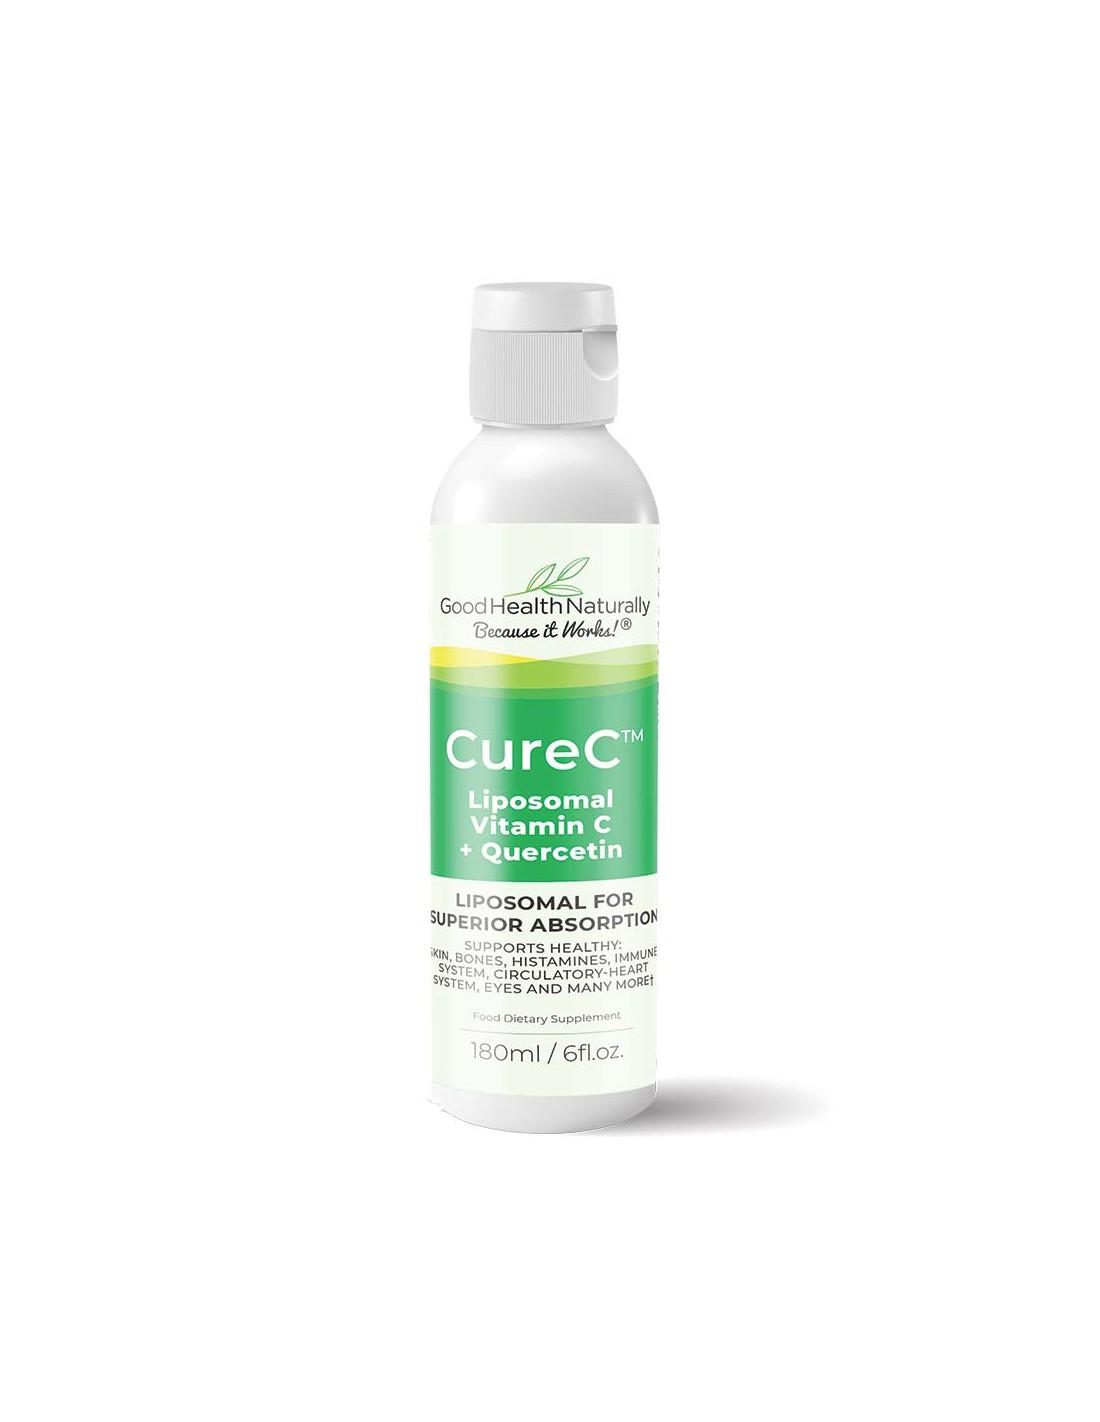 CureC Liposomal Vitamin C + Quercetin 180ml